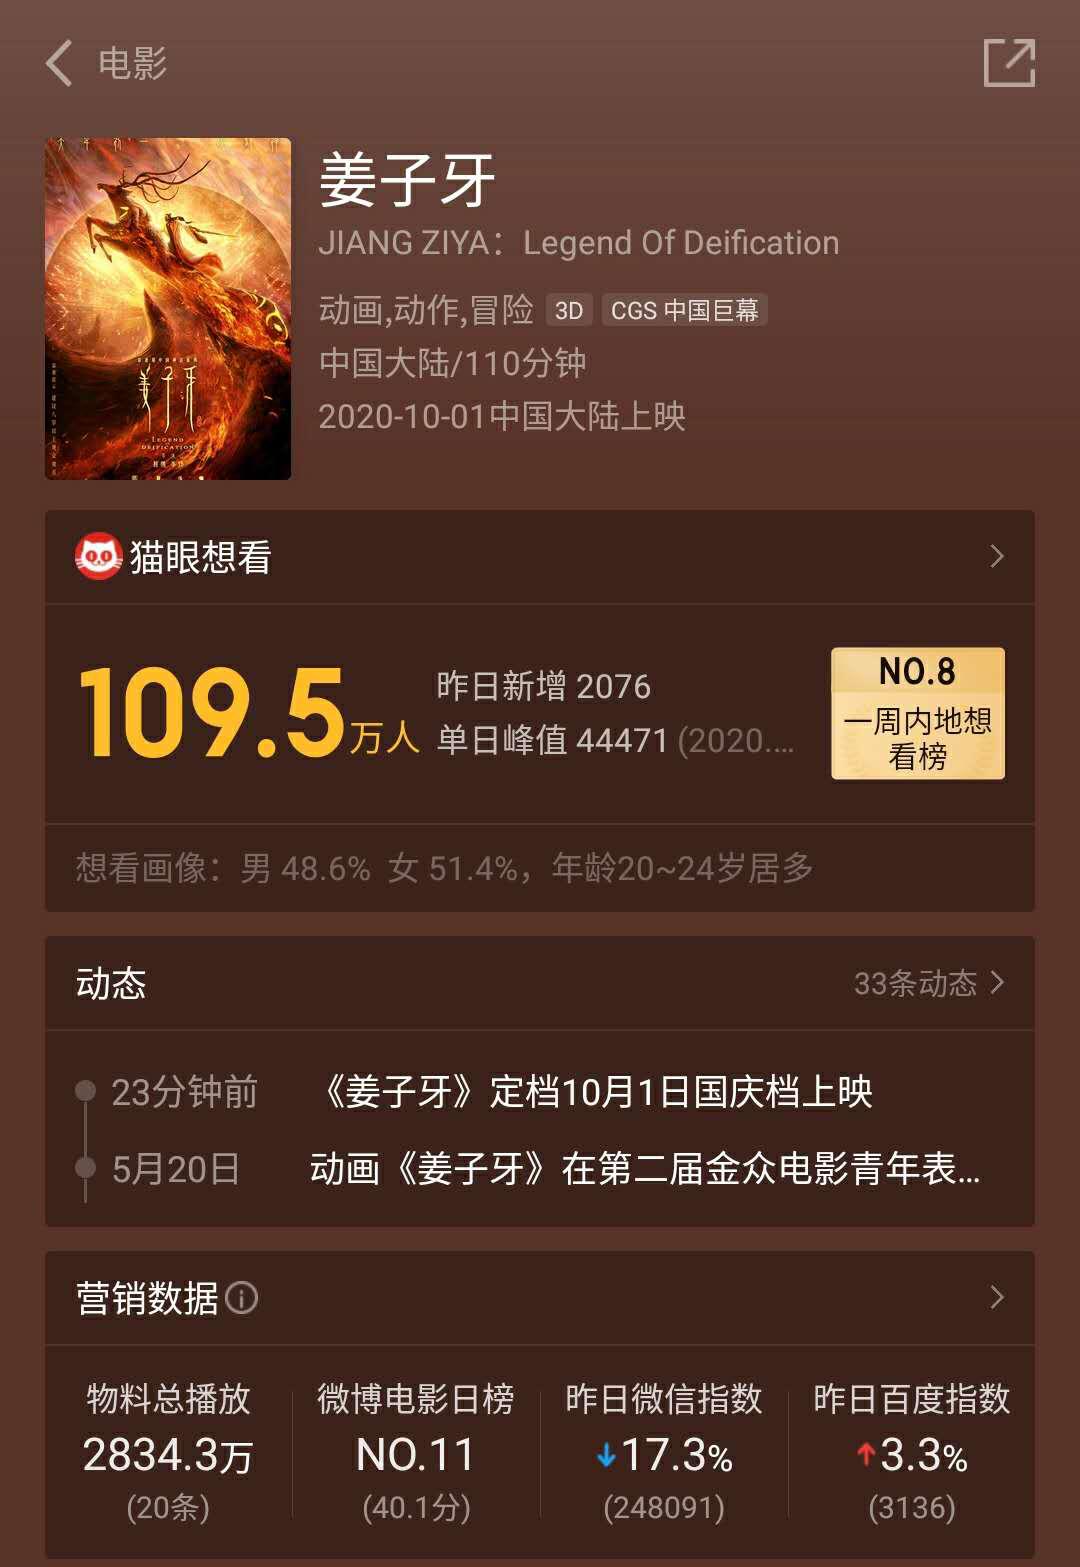 春节档推迟影片终于回来了!《姜子牙》定档,270万人想看插图(2)